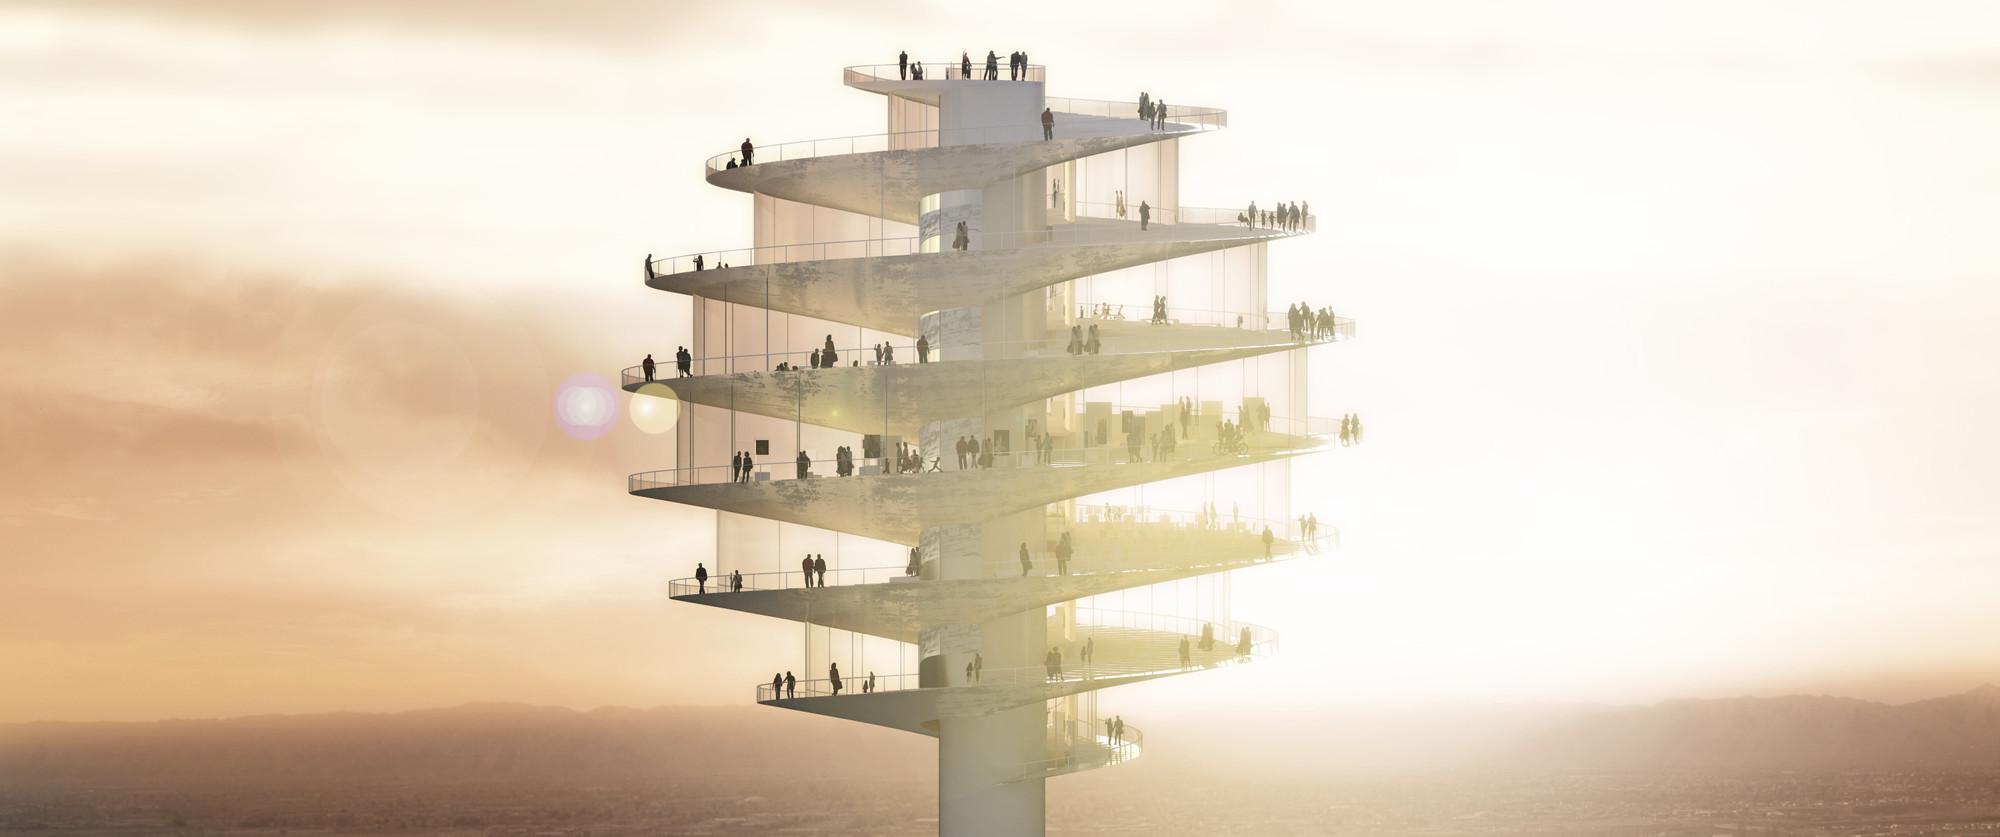 Torre de Observación en Phoenix / BIG, Cortesía de BIG Architects